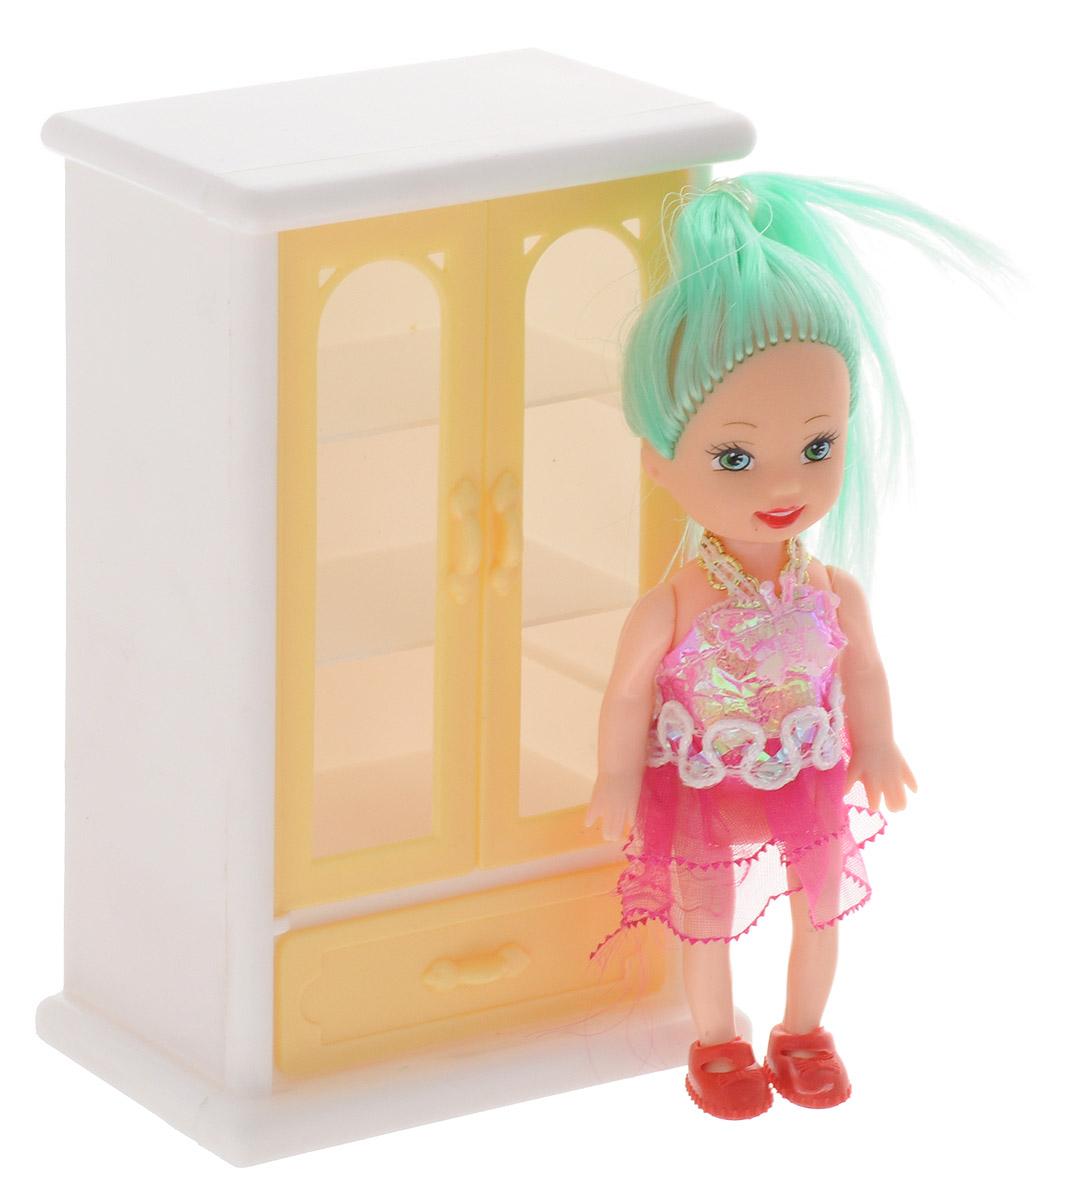 Shantou Мини-кукла Bettina со шкафом для посудыL091-H43654_шкаф для посудыМини-кукла Shantou Bettina - очаровательная малышка-подружка для вашей дочурки. Кукла одета в прозрачное розовое платьице, на ногах у нее красные туфельки. Длинные зеленые волосы куклы можно расчесывать и делать из них различные прически. Руки, ноги и голова куклы подвижные. В наборе с куколкой имеется шкаф для посуды. Дверцы шкафа открываются, нижний ящик выдвигается. Игры с куклой способствуют эмоциональному развитию ребенка, а также помогают формировать воображение и художественный вкус. Порадуйте свою малышку таким интересным подарком!